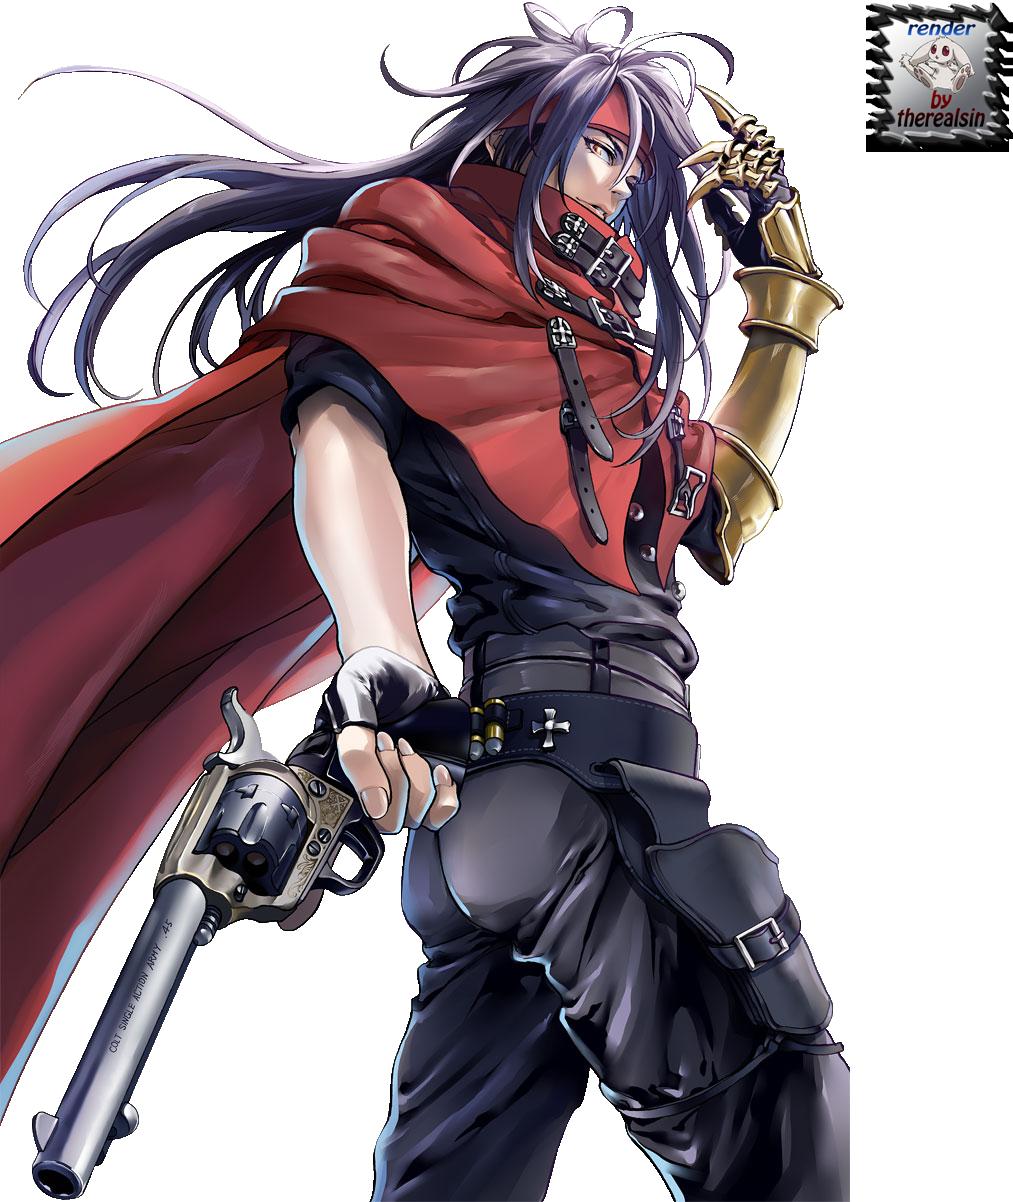 Http Www Renders Graphiques Fr Image Upload Normal 20572773 Vincent Ff7 Png Final Fantasy Vii Final Fantasy Vii Remake Final Fantasy